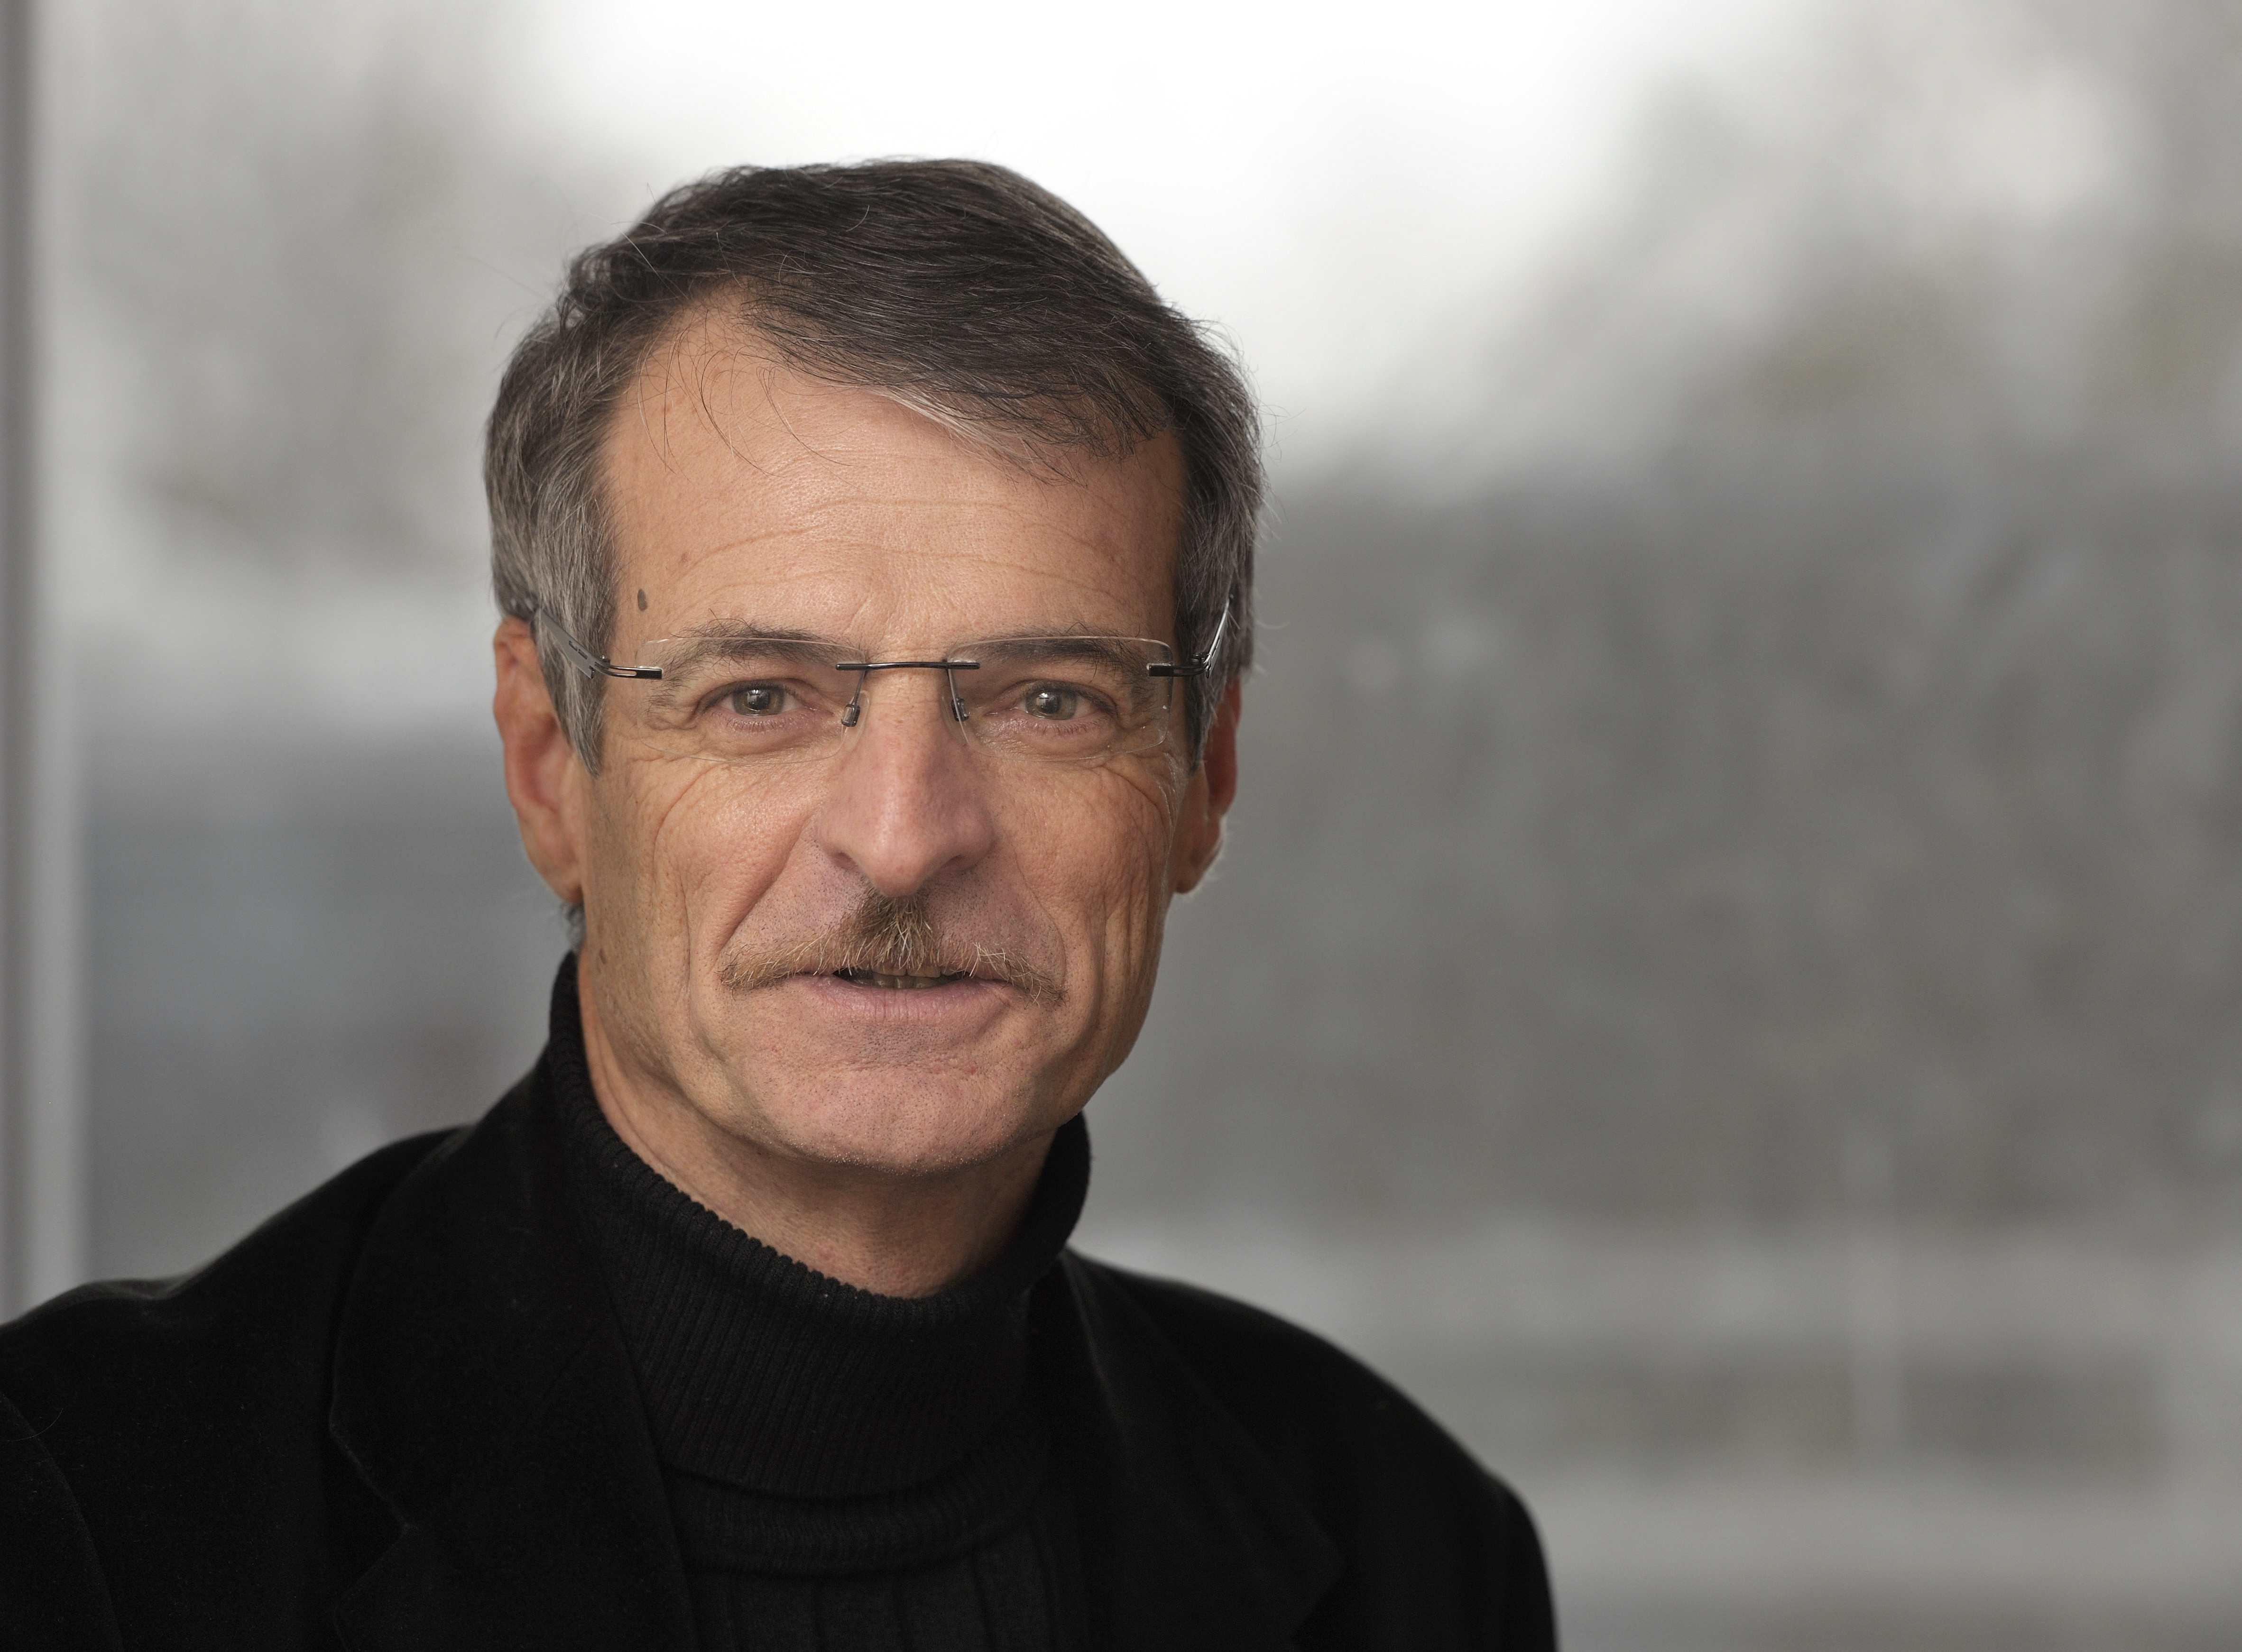 Lionel PROUTEAU